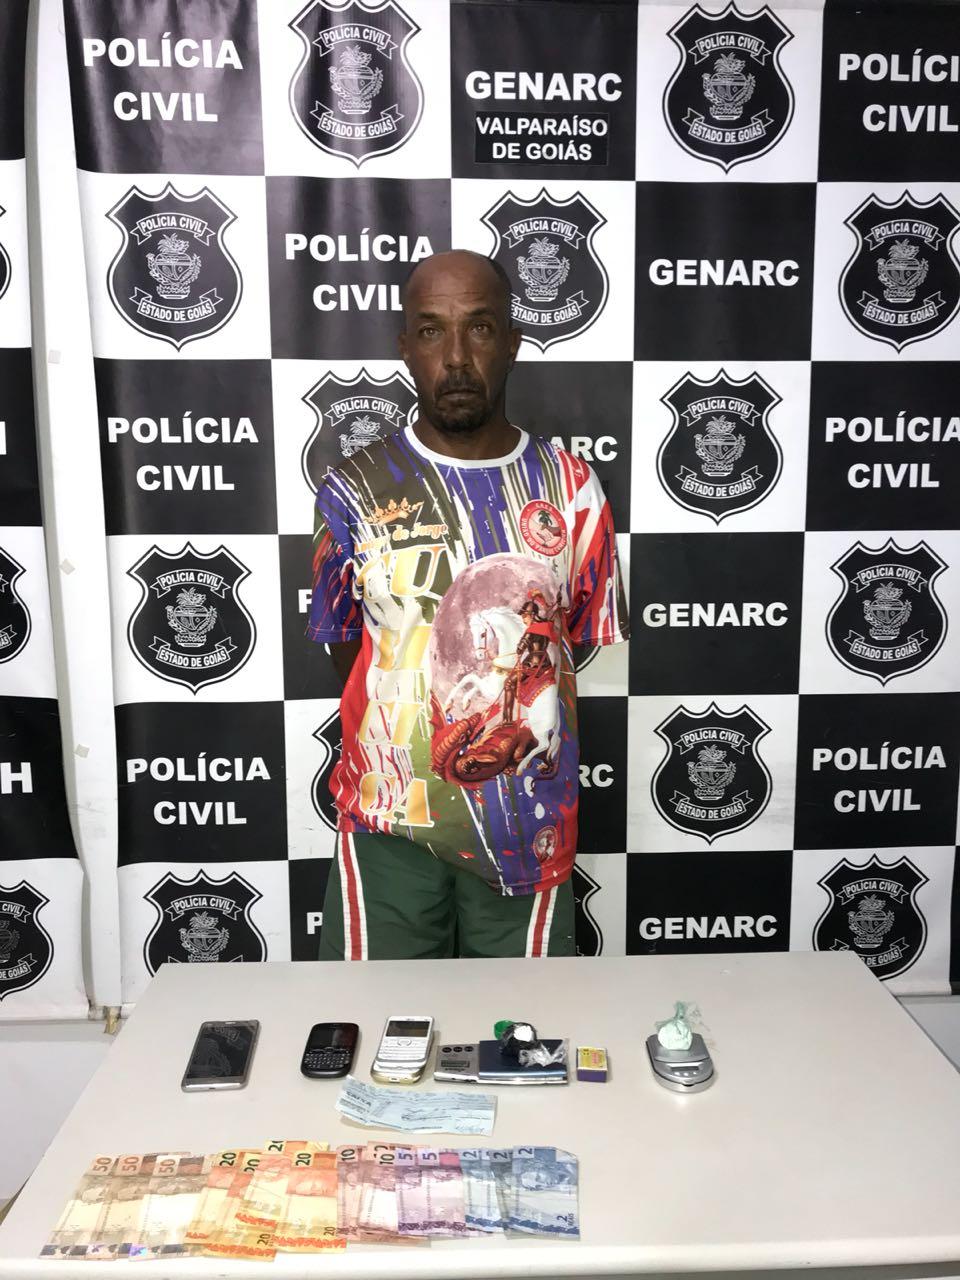 Foto: Polícia Civil GO